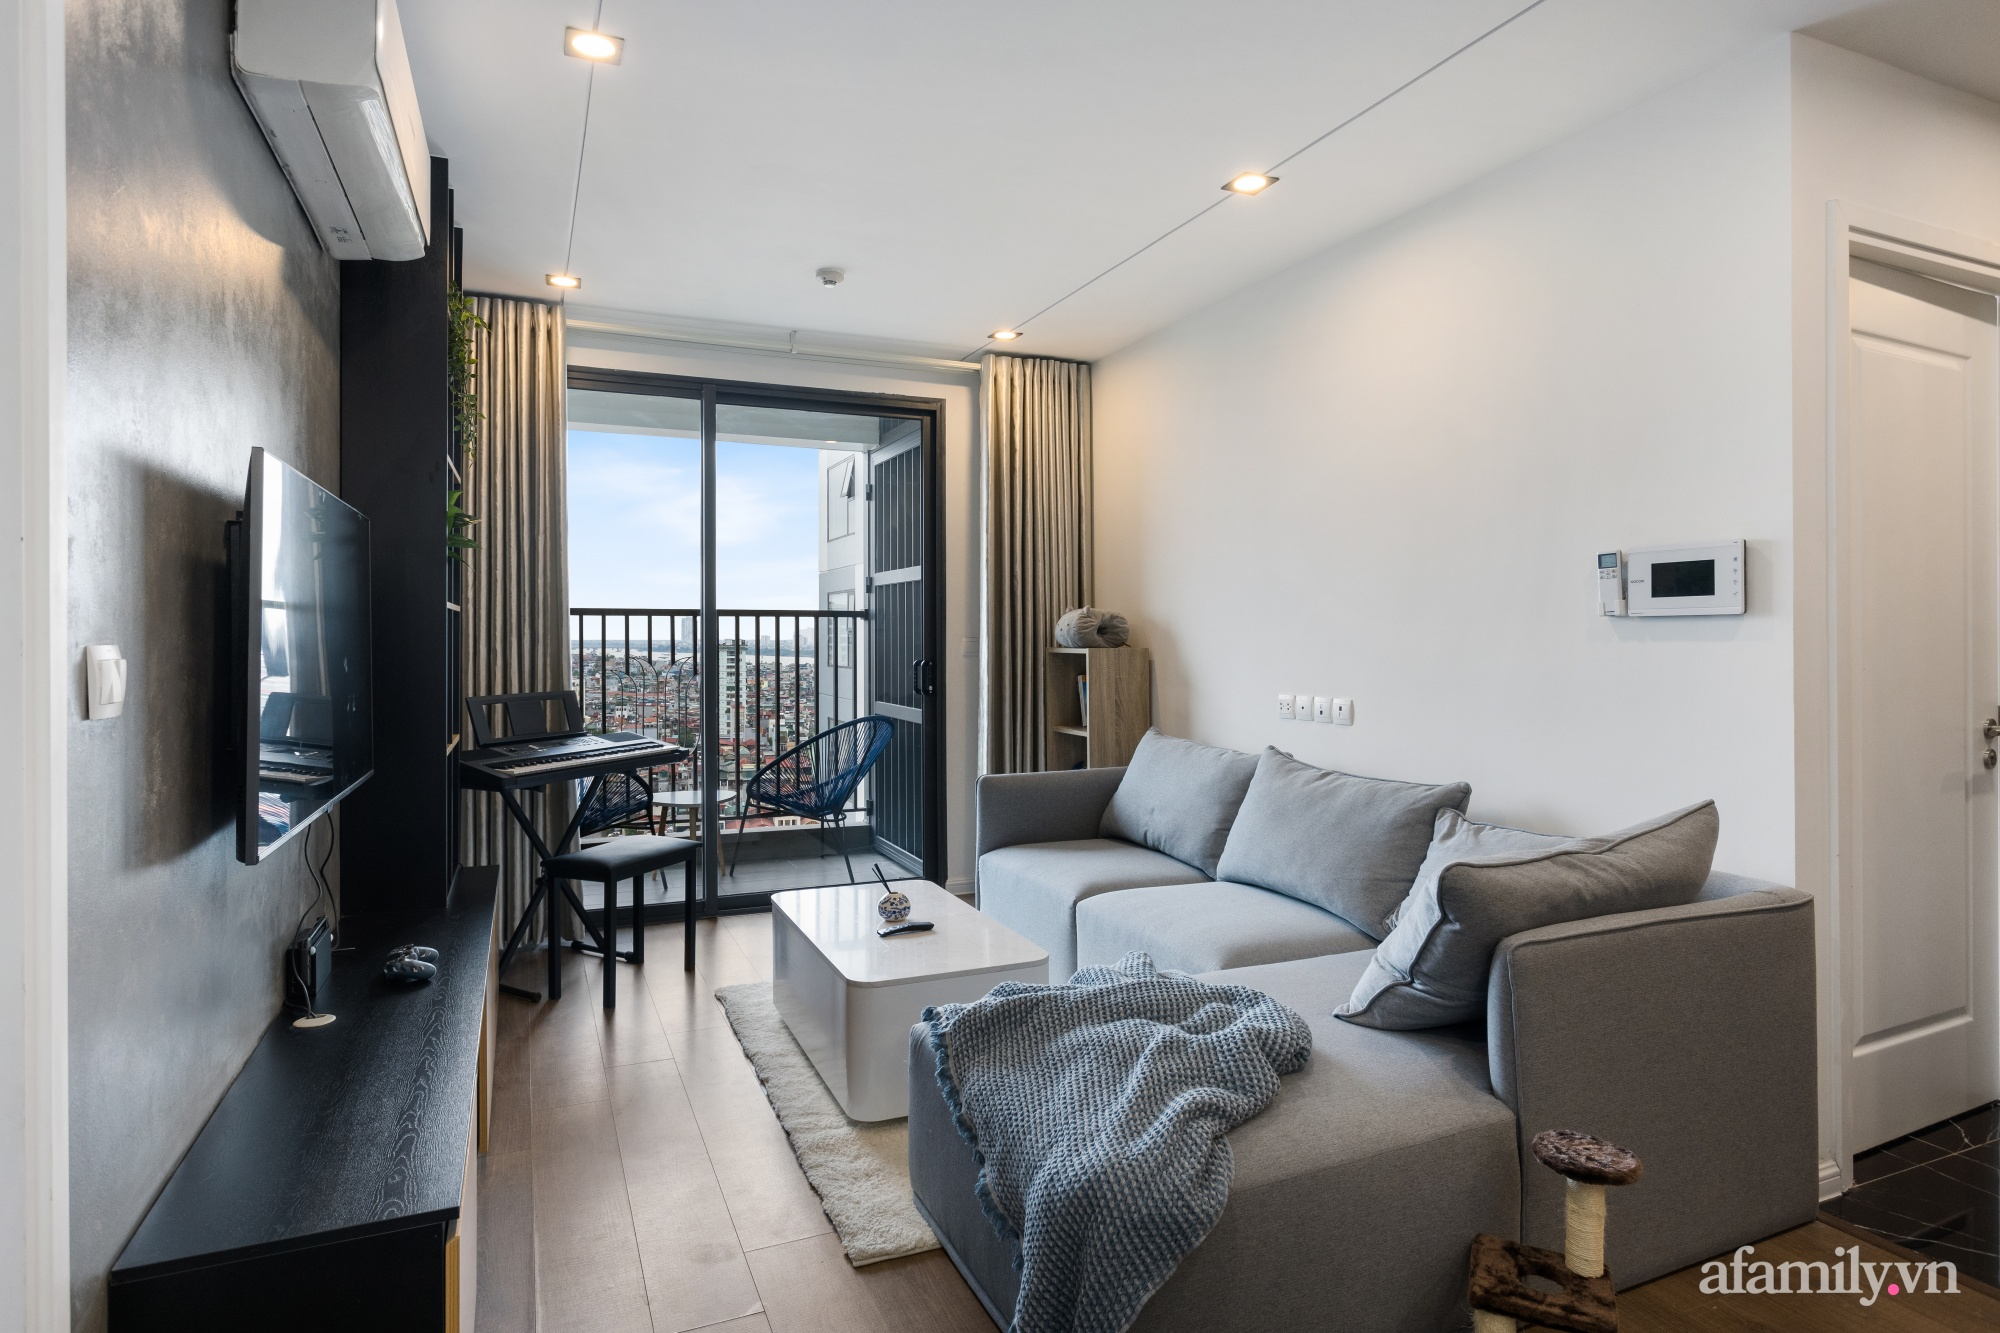 Chi 200 triệu đồng, blogger du lịch Sài Gòn thiết kế căn hộ tối giản rộng 83m² đẹp không góc chết nhờ đặt ra 5 nguyên tắc vàng - Ảnh 6.